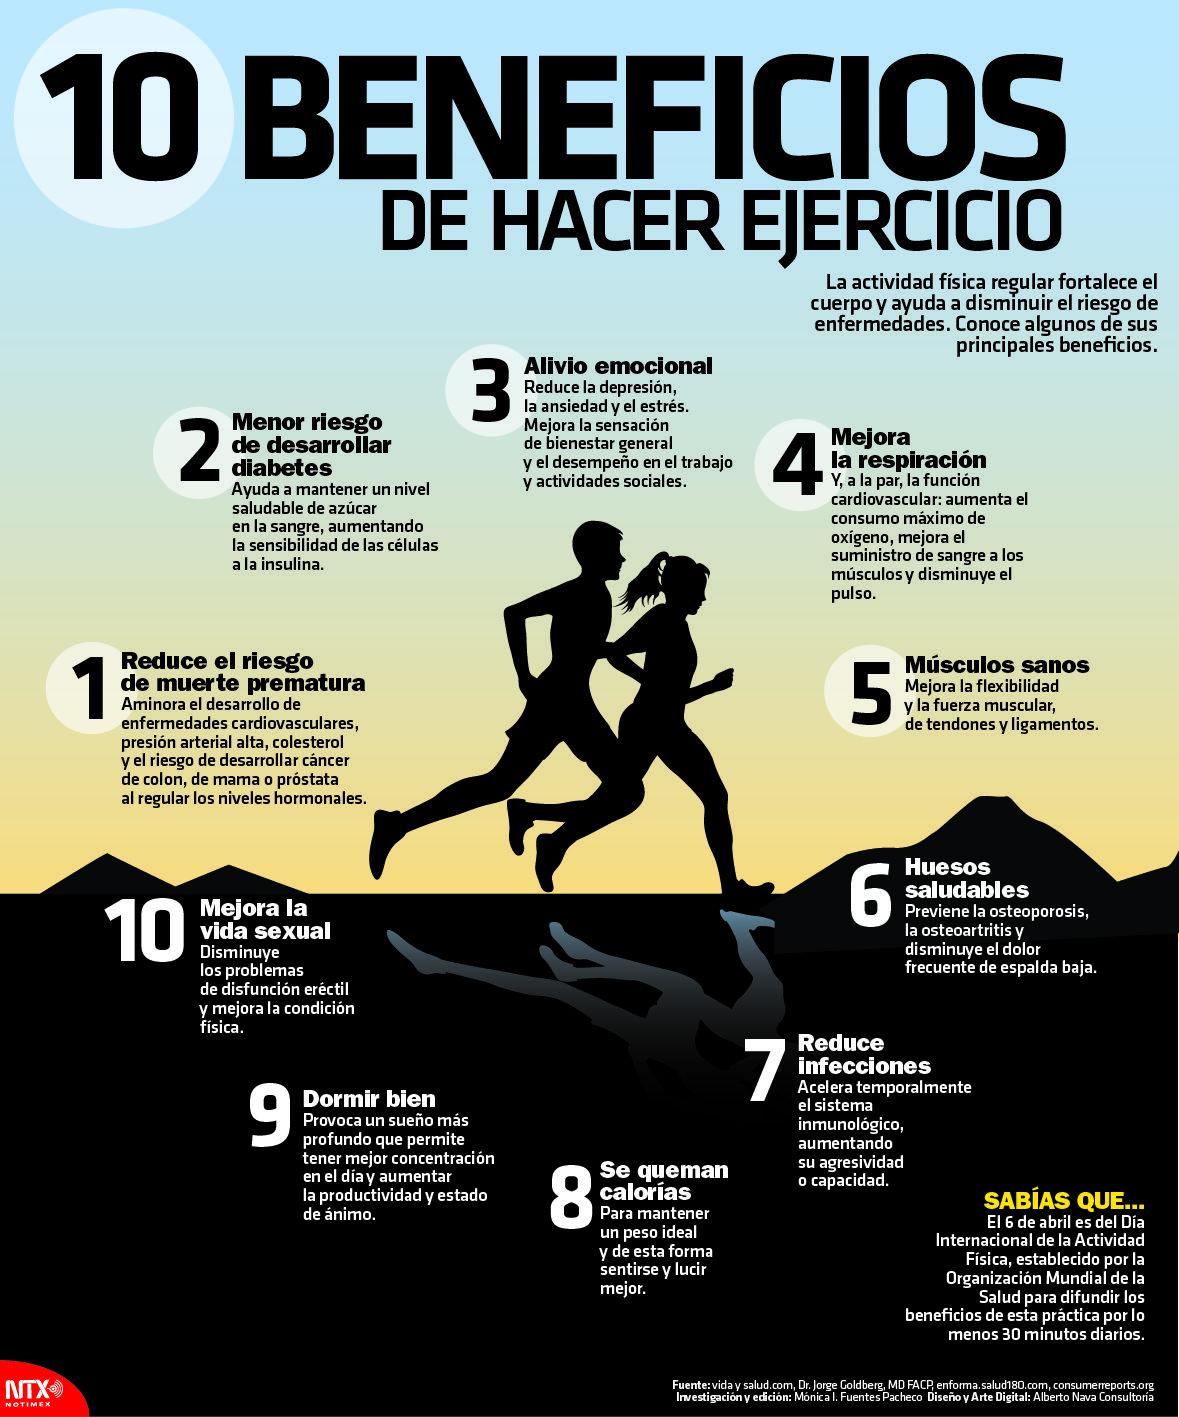 Photo of 10 Beneficios para la salud de sus actividades favoritas